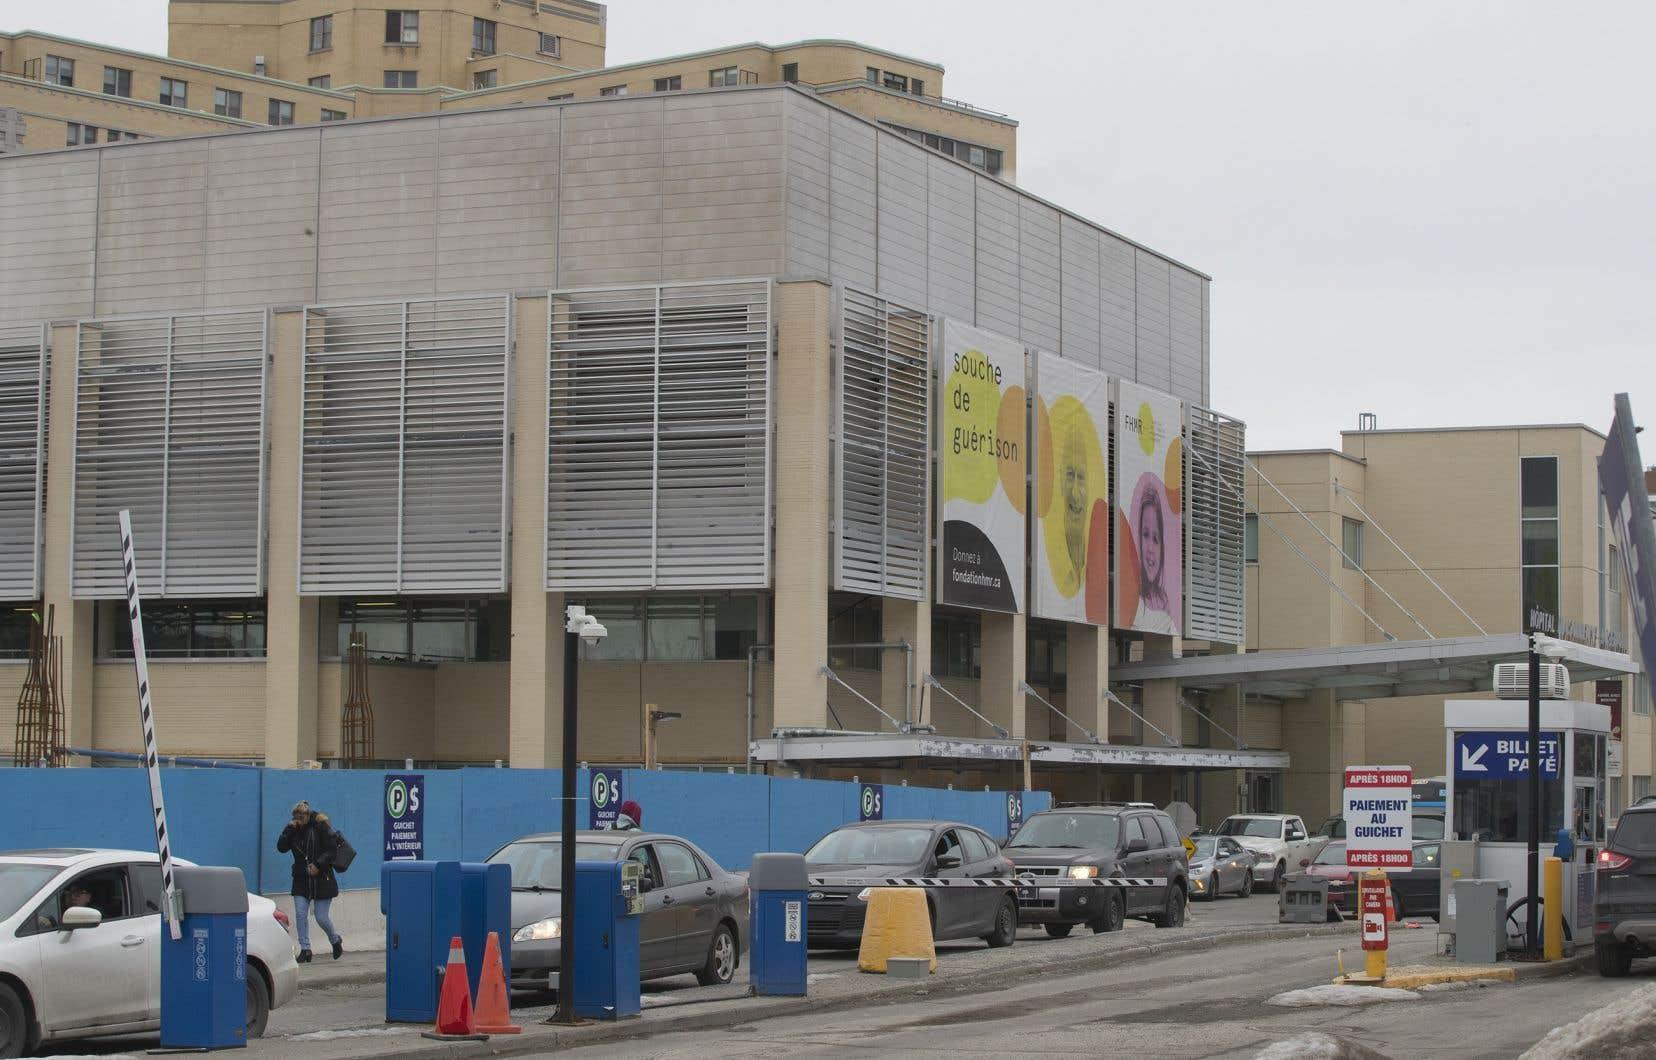 À l'heure actuelle, une journée de stationnement peut coûter jusqu'à 24$ dans plusieurs grands hôpitaux de Montréal comme le CHUM. Sur la photo, l'hôpital Maisonneuve-Rosemont.